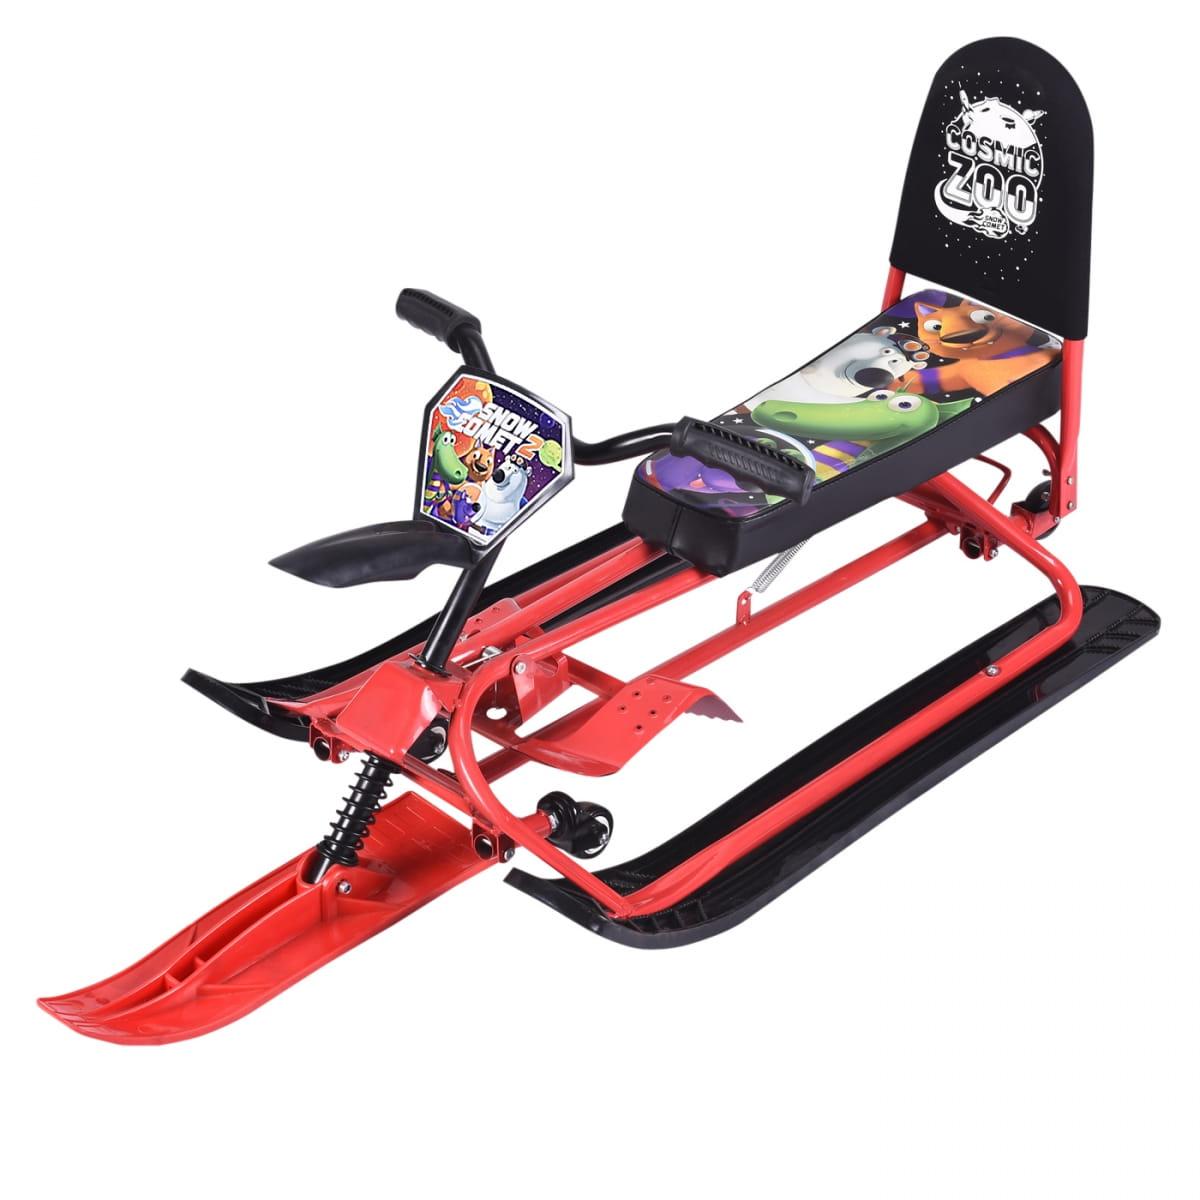 Детский снегокат-трансформер Small Rider Snow Comet 2  красный - Снегокаты и санки